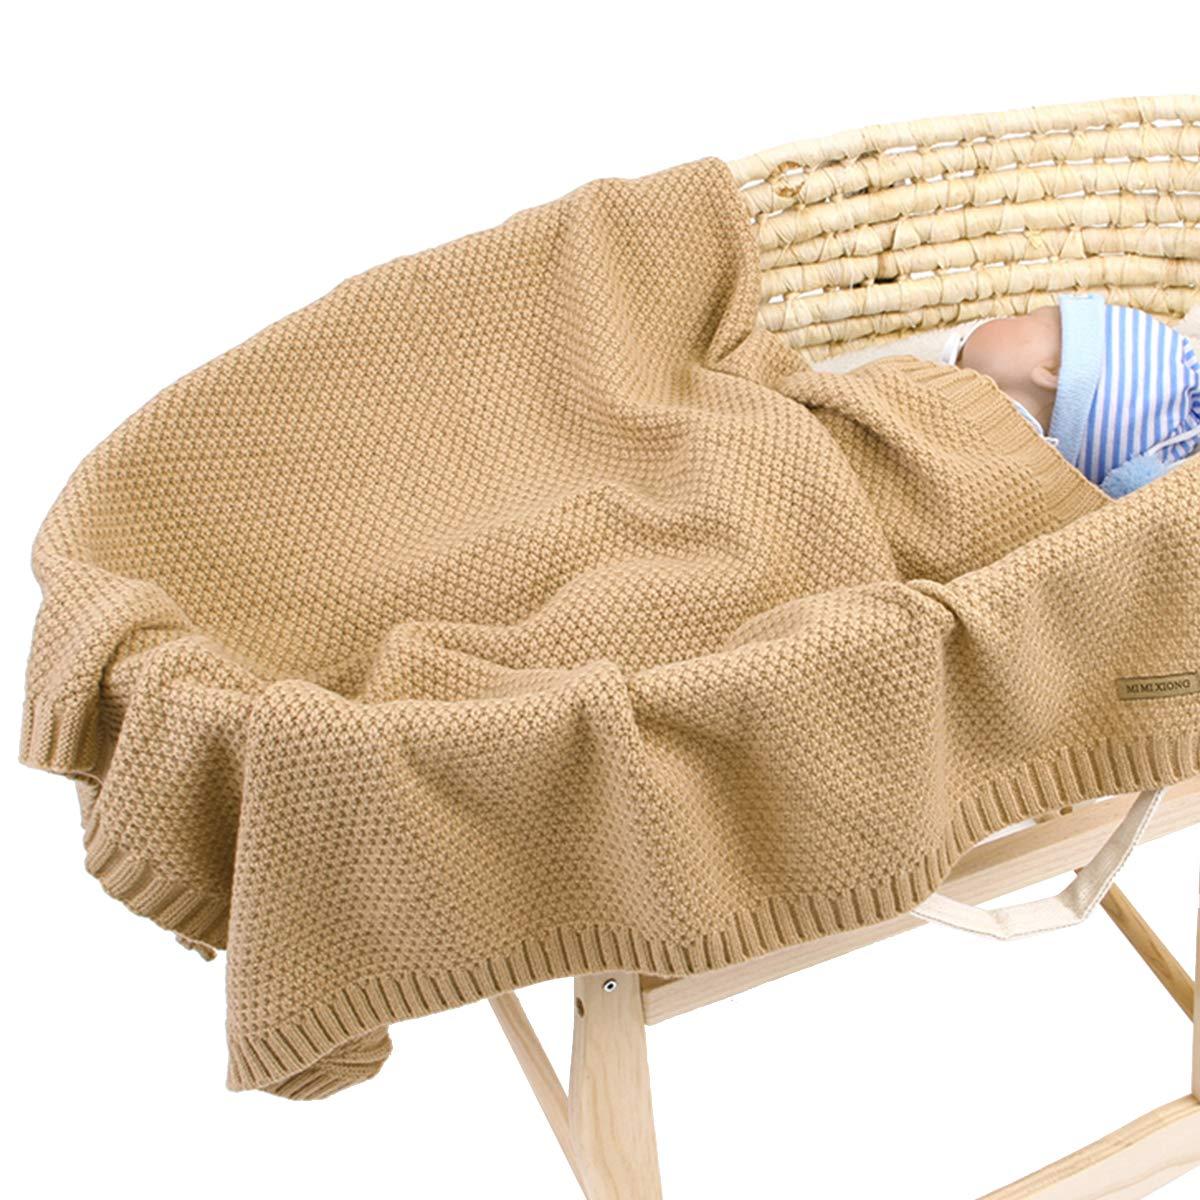 Leyeet Baby Jungen M/ädchen Decke Strick H/äkeldecke Neugeborene Kinderwagen Puckdecke Farbe w/ählbar